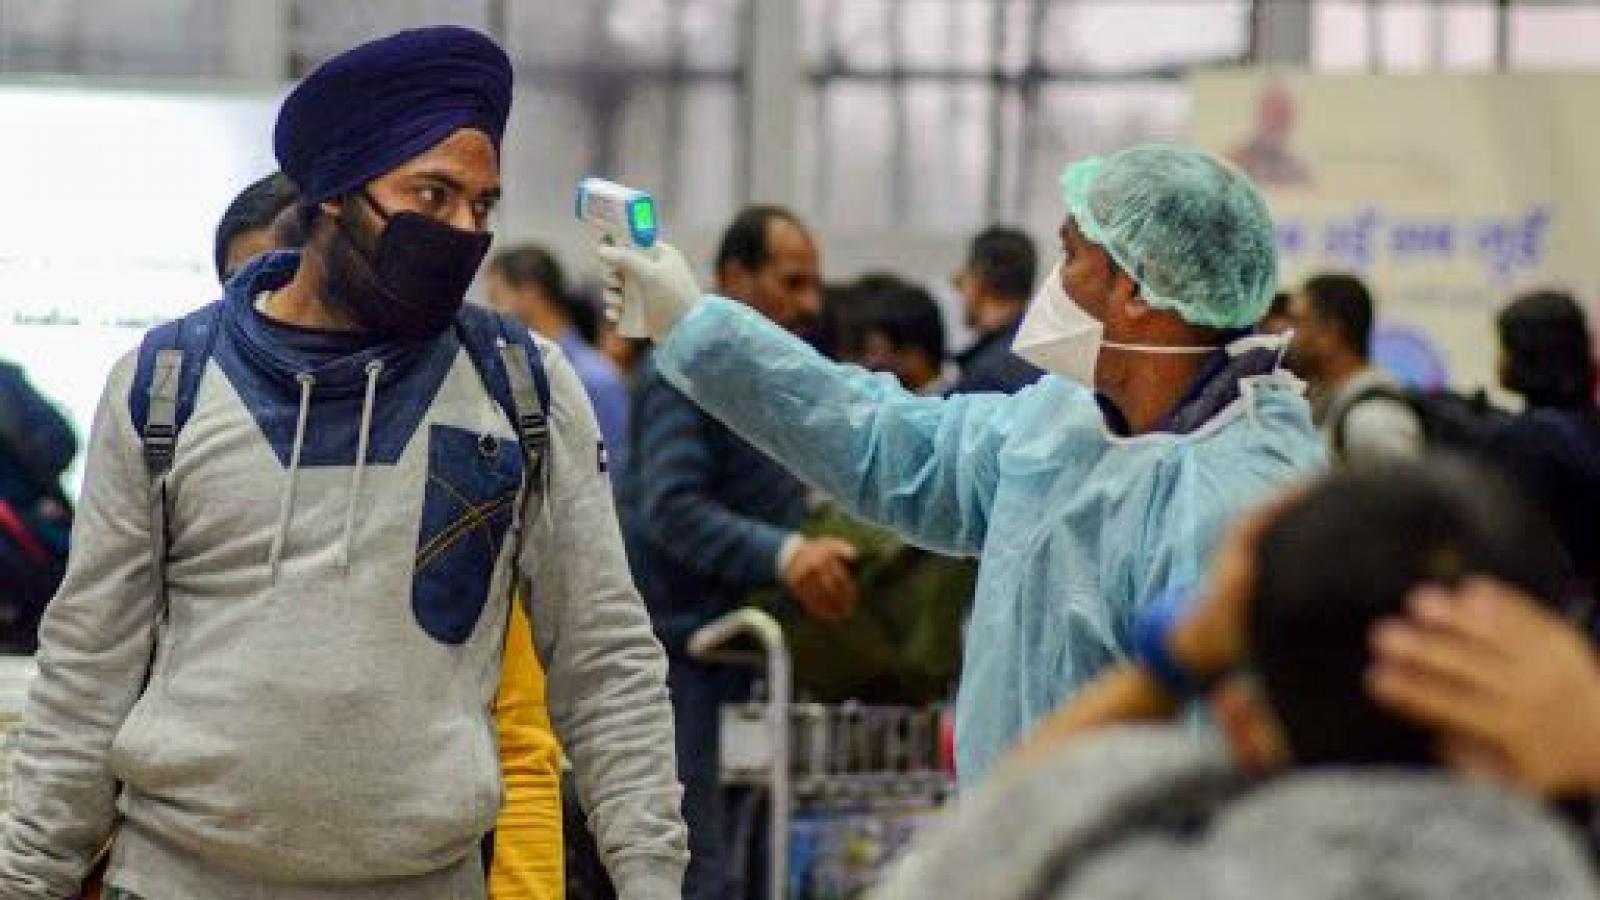 Covid-19 tăng nhanh, Ấn Độ xác định 300 triệu người đầu tiên sẽ được tiêm vaccine